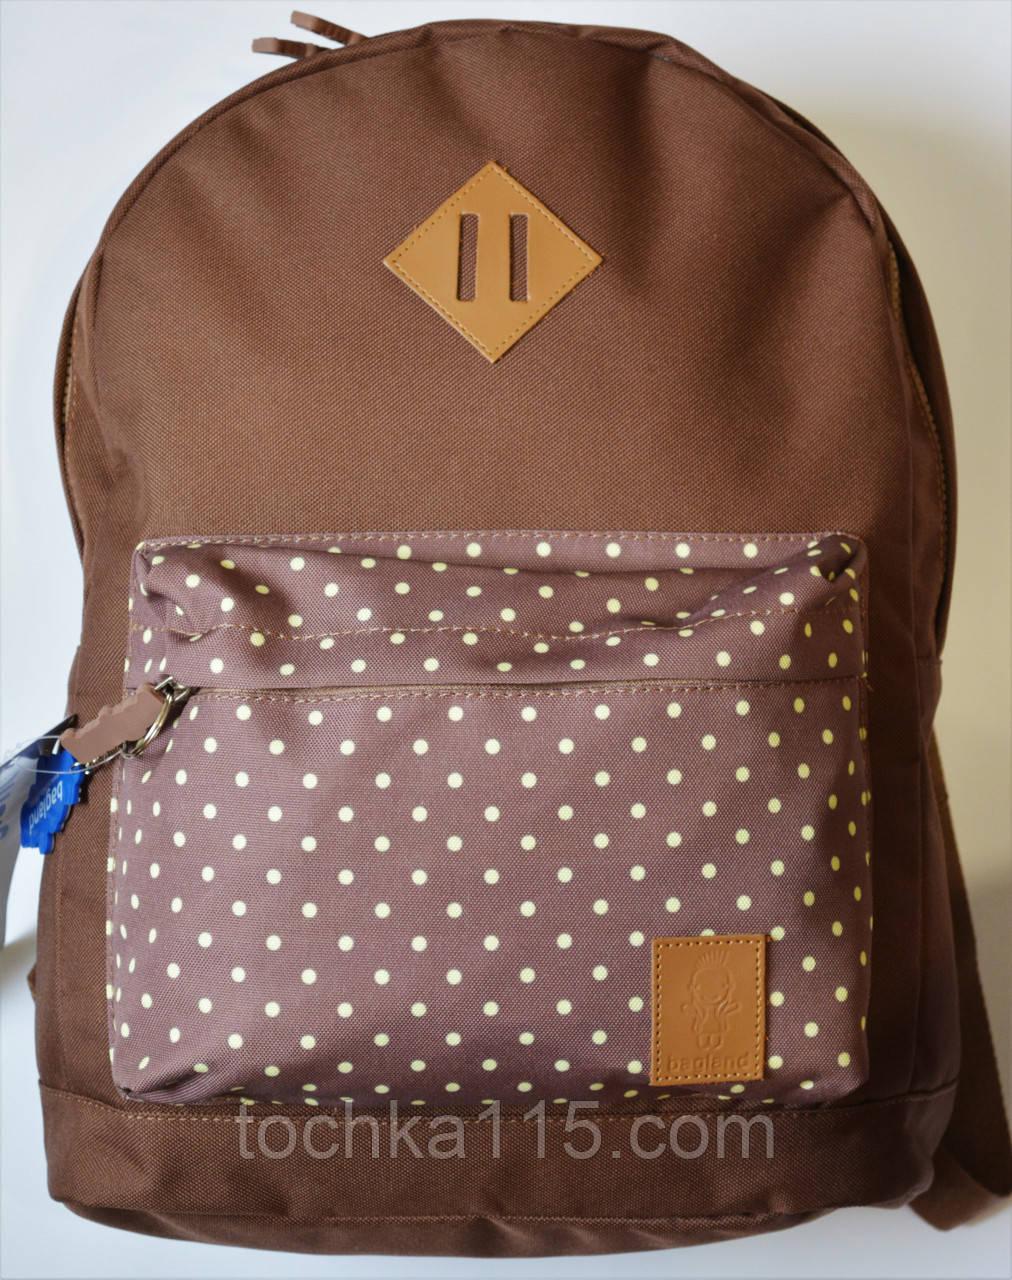 Городской рюкзак Bagland коричневый принт горошек, копия